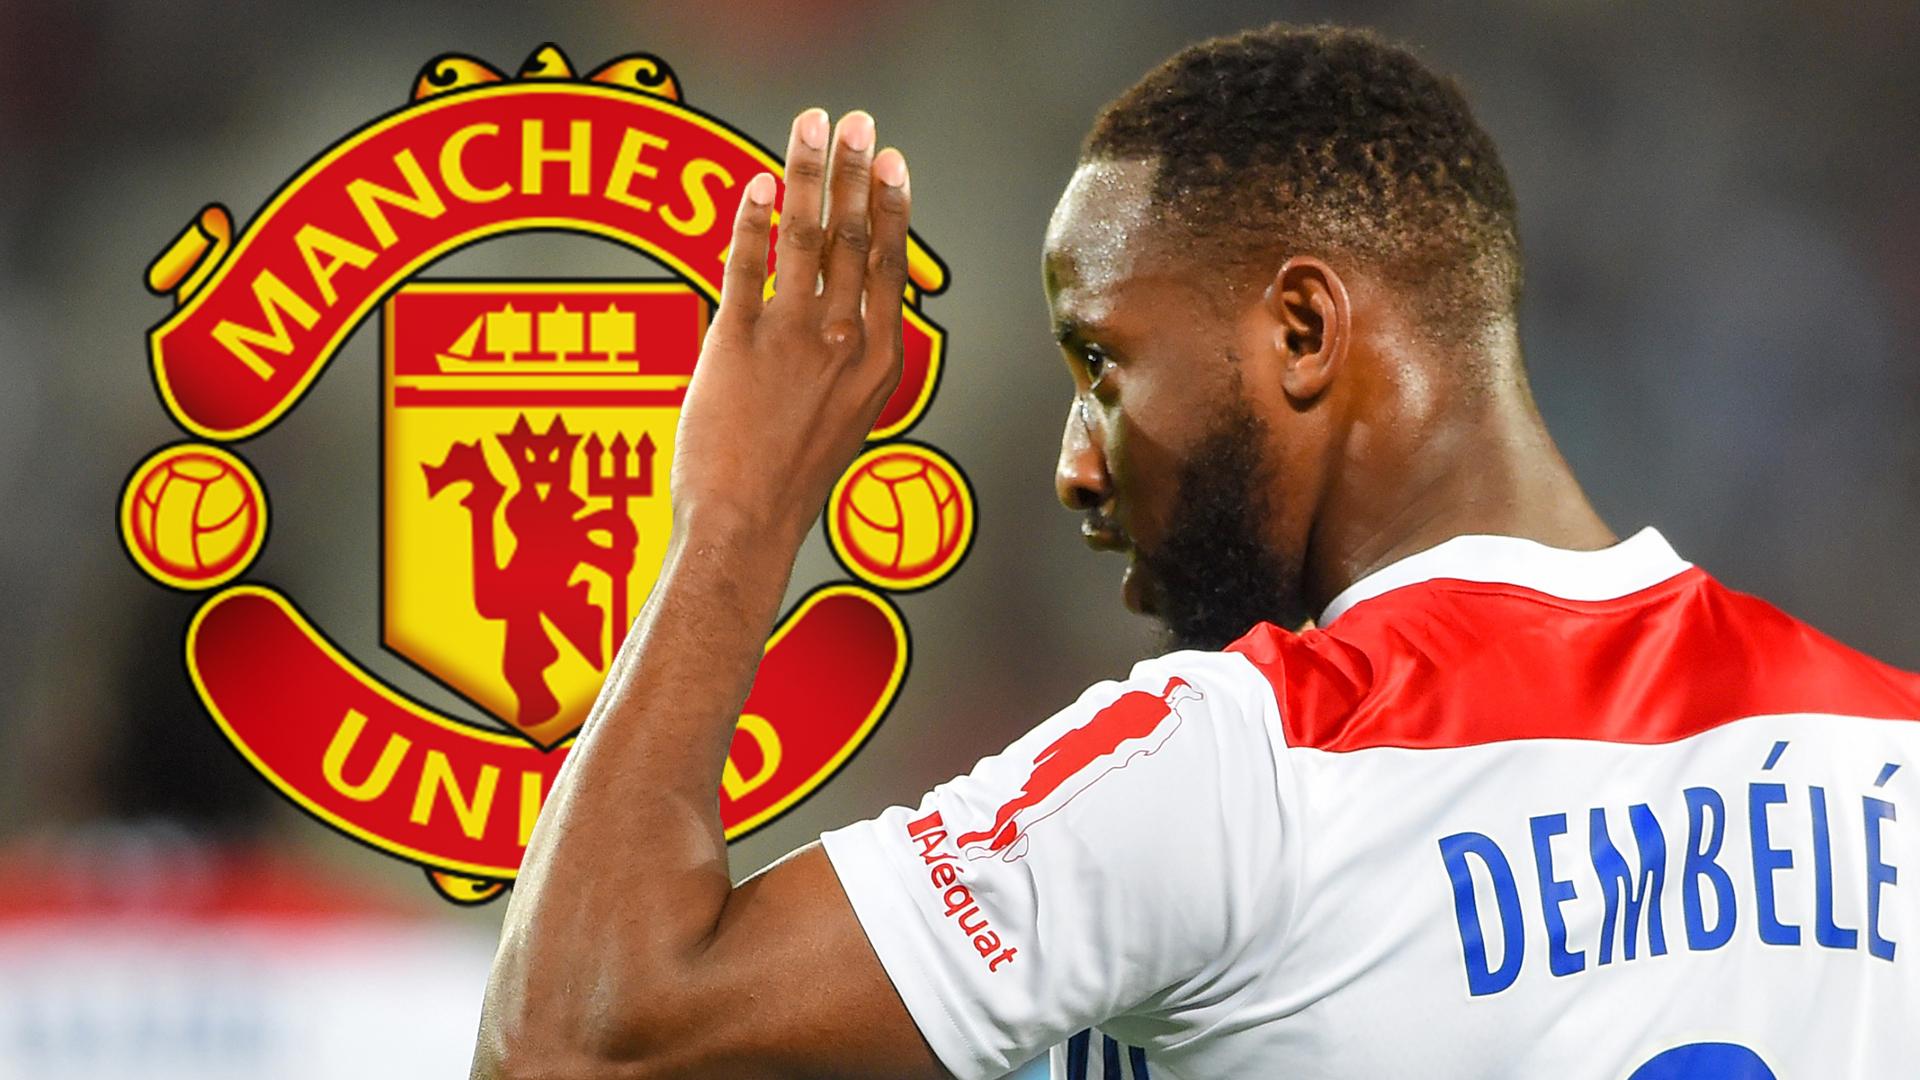 Man Utd Transfer News Red Devils Make 40m Offer For Lyon Star Moussa Dembele Goal Com